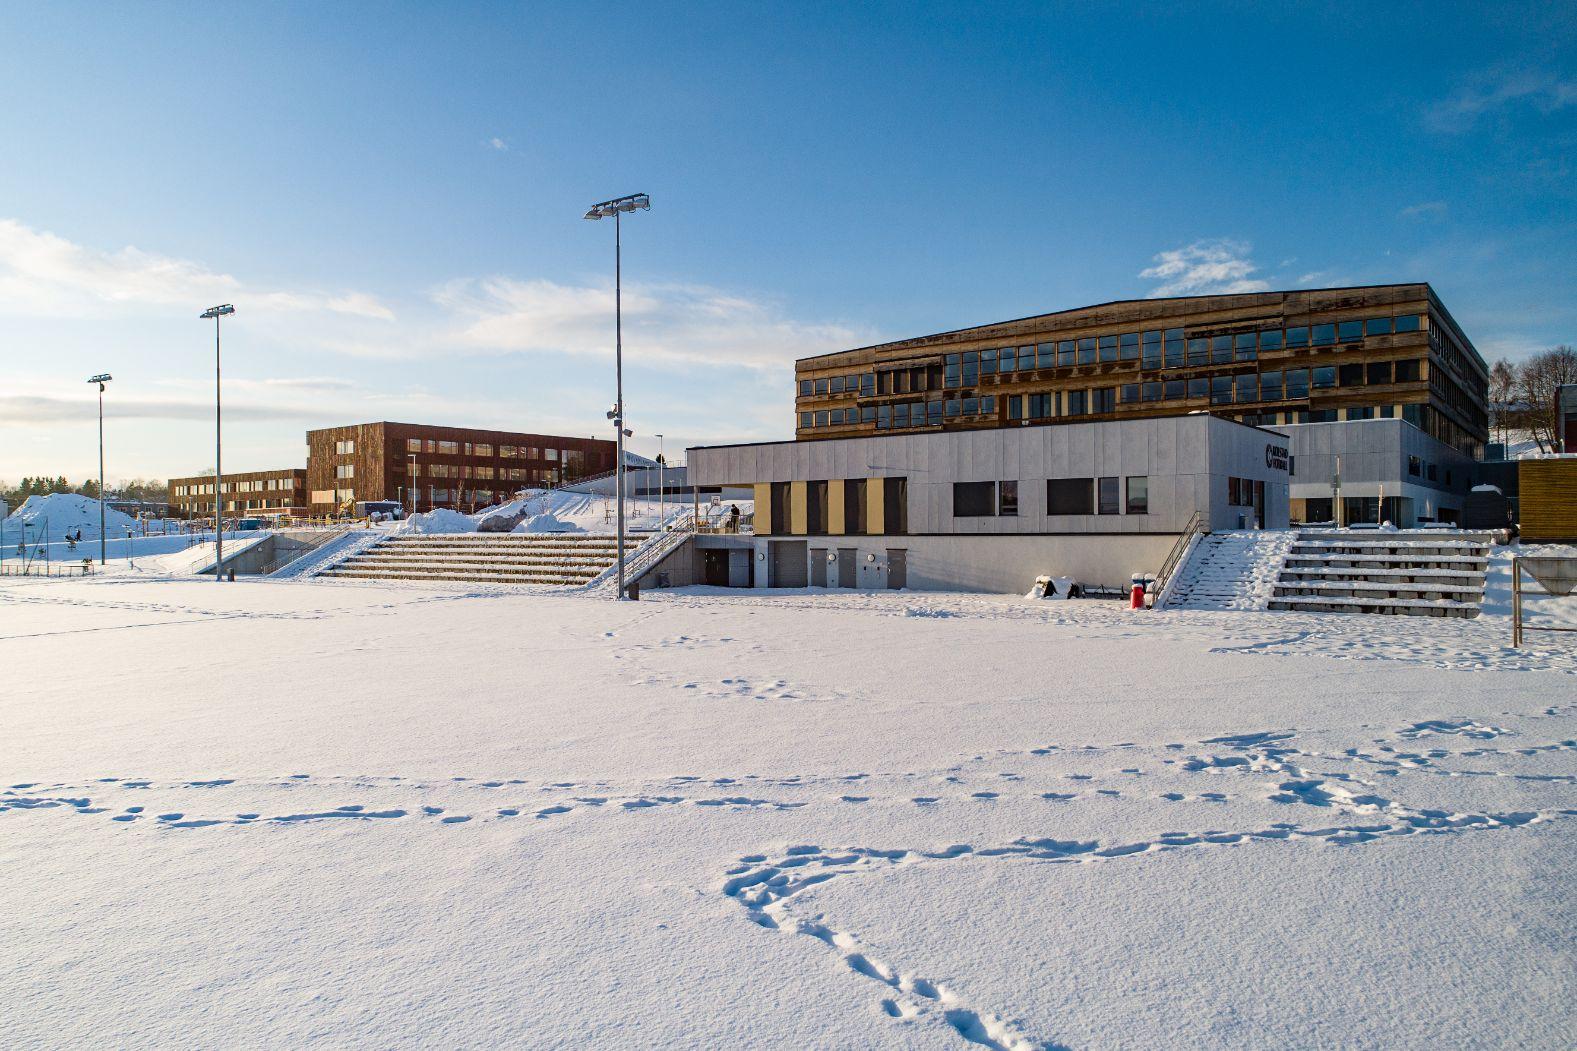 Klubbhus ved snødekt fotballbane. Skolebygg i bakgrunnen